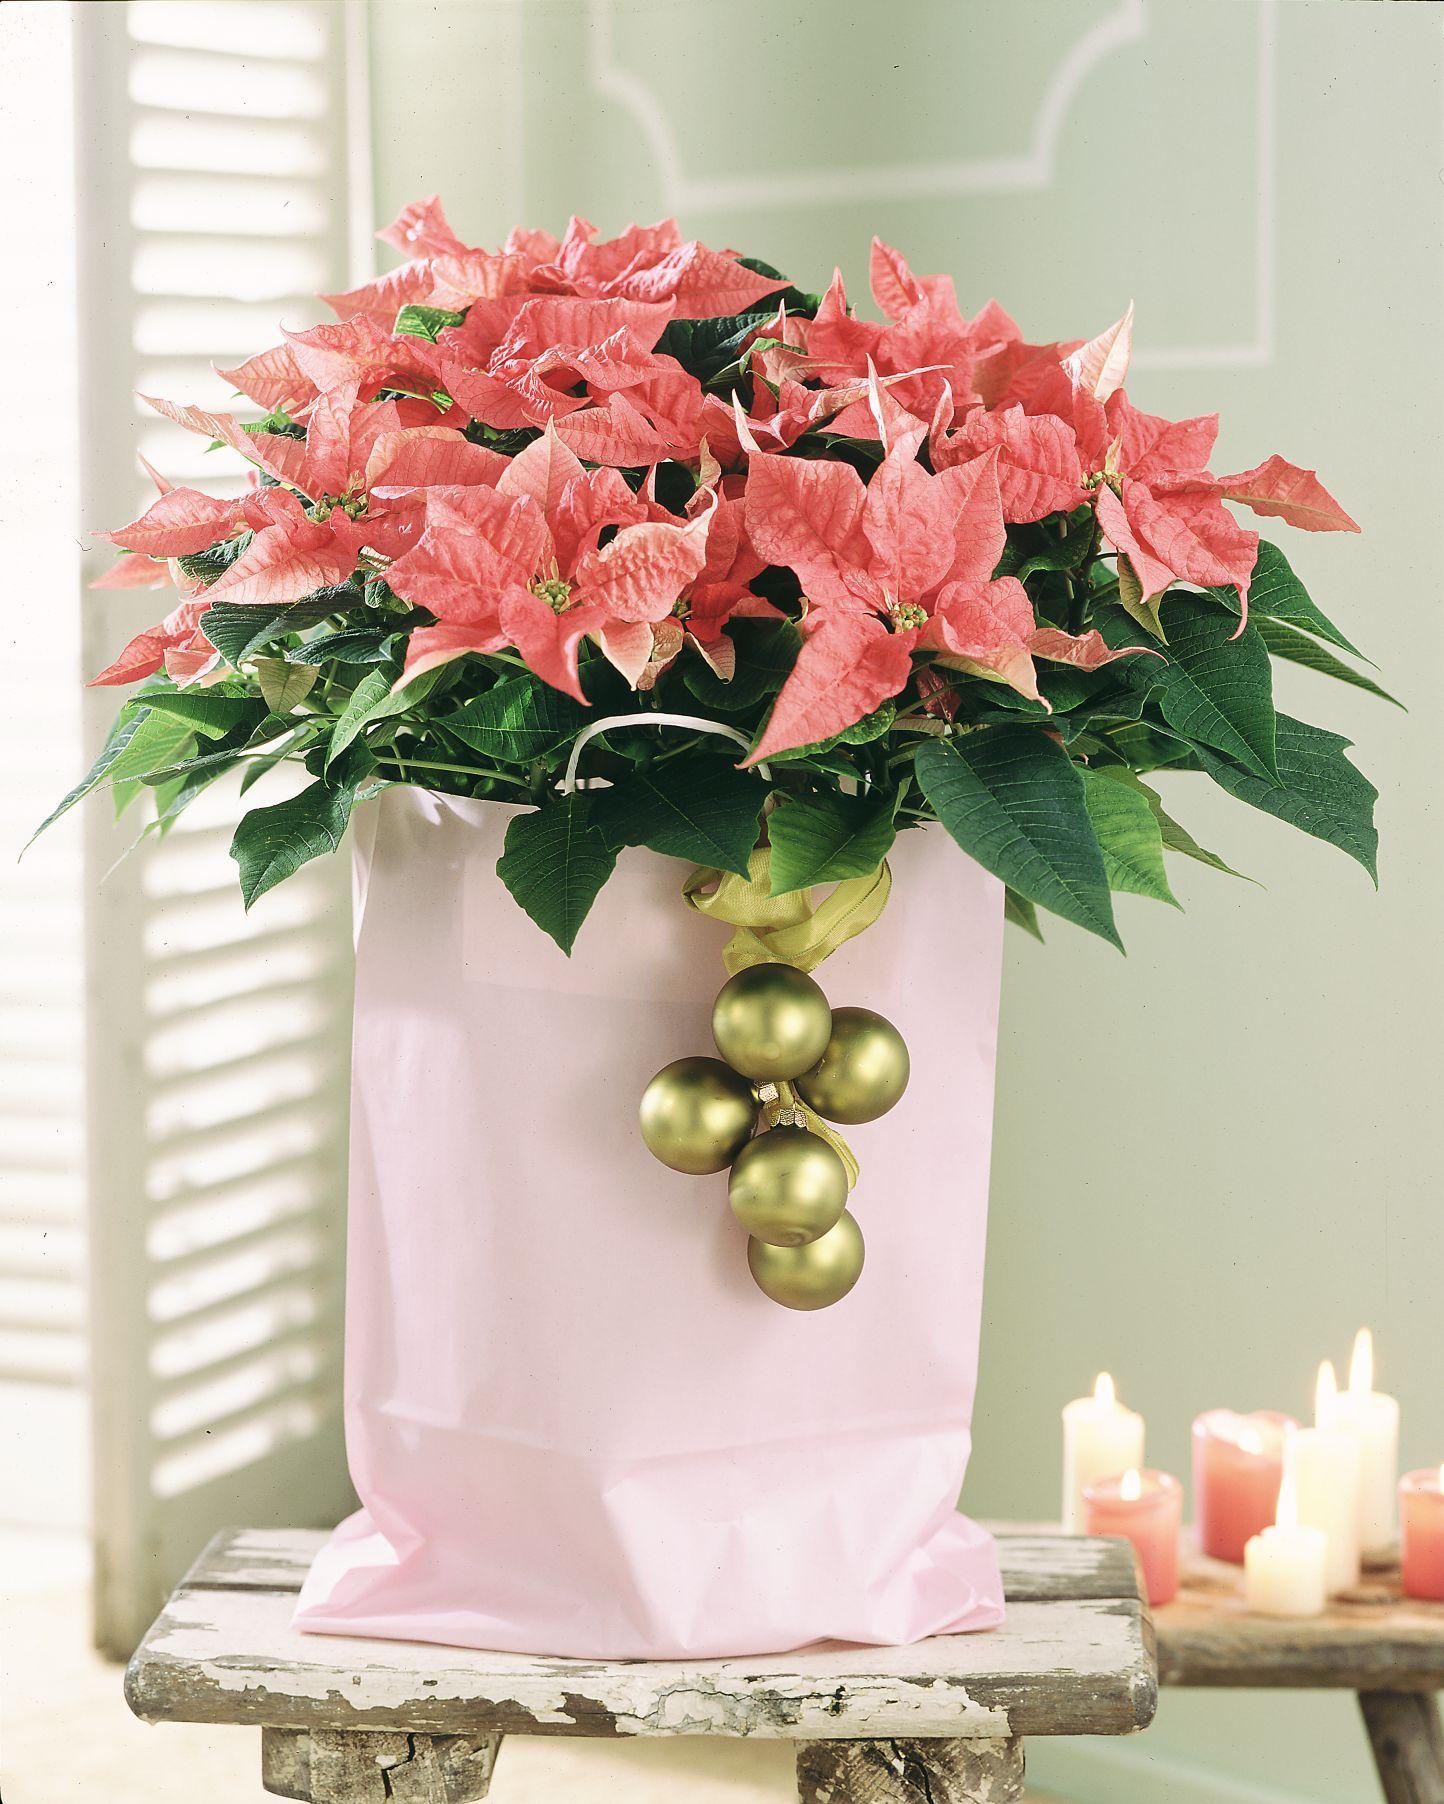 Alle Jahre wieder… Pflanzliche Deko aus der Weihnachtszeit nicht wegzudenken